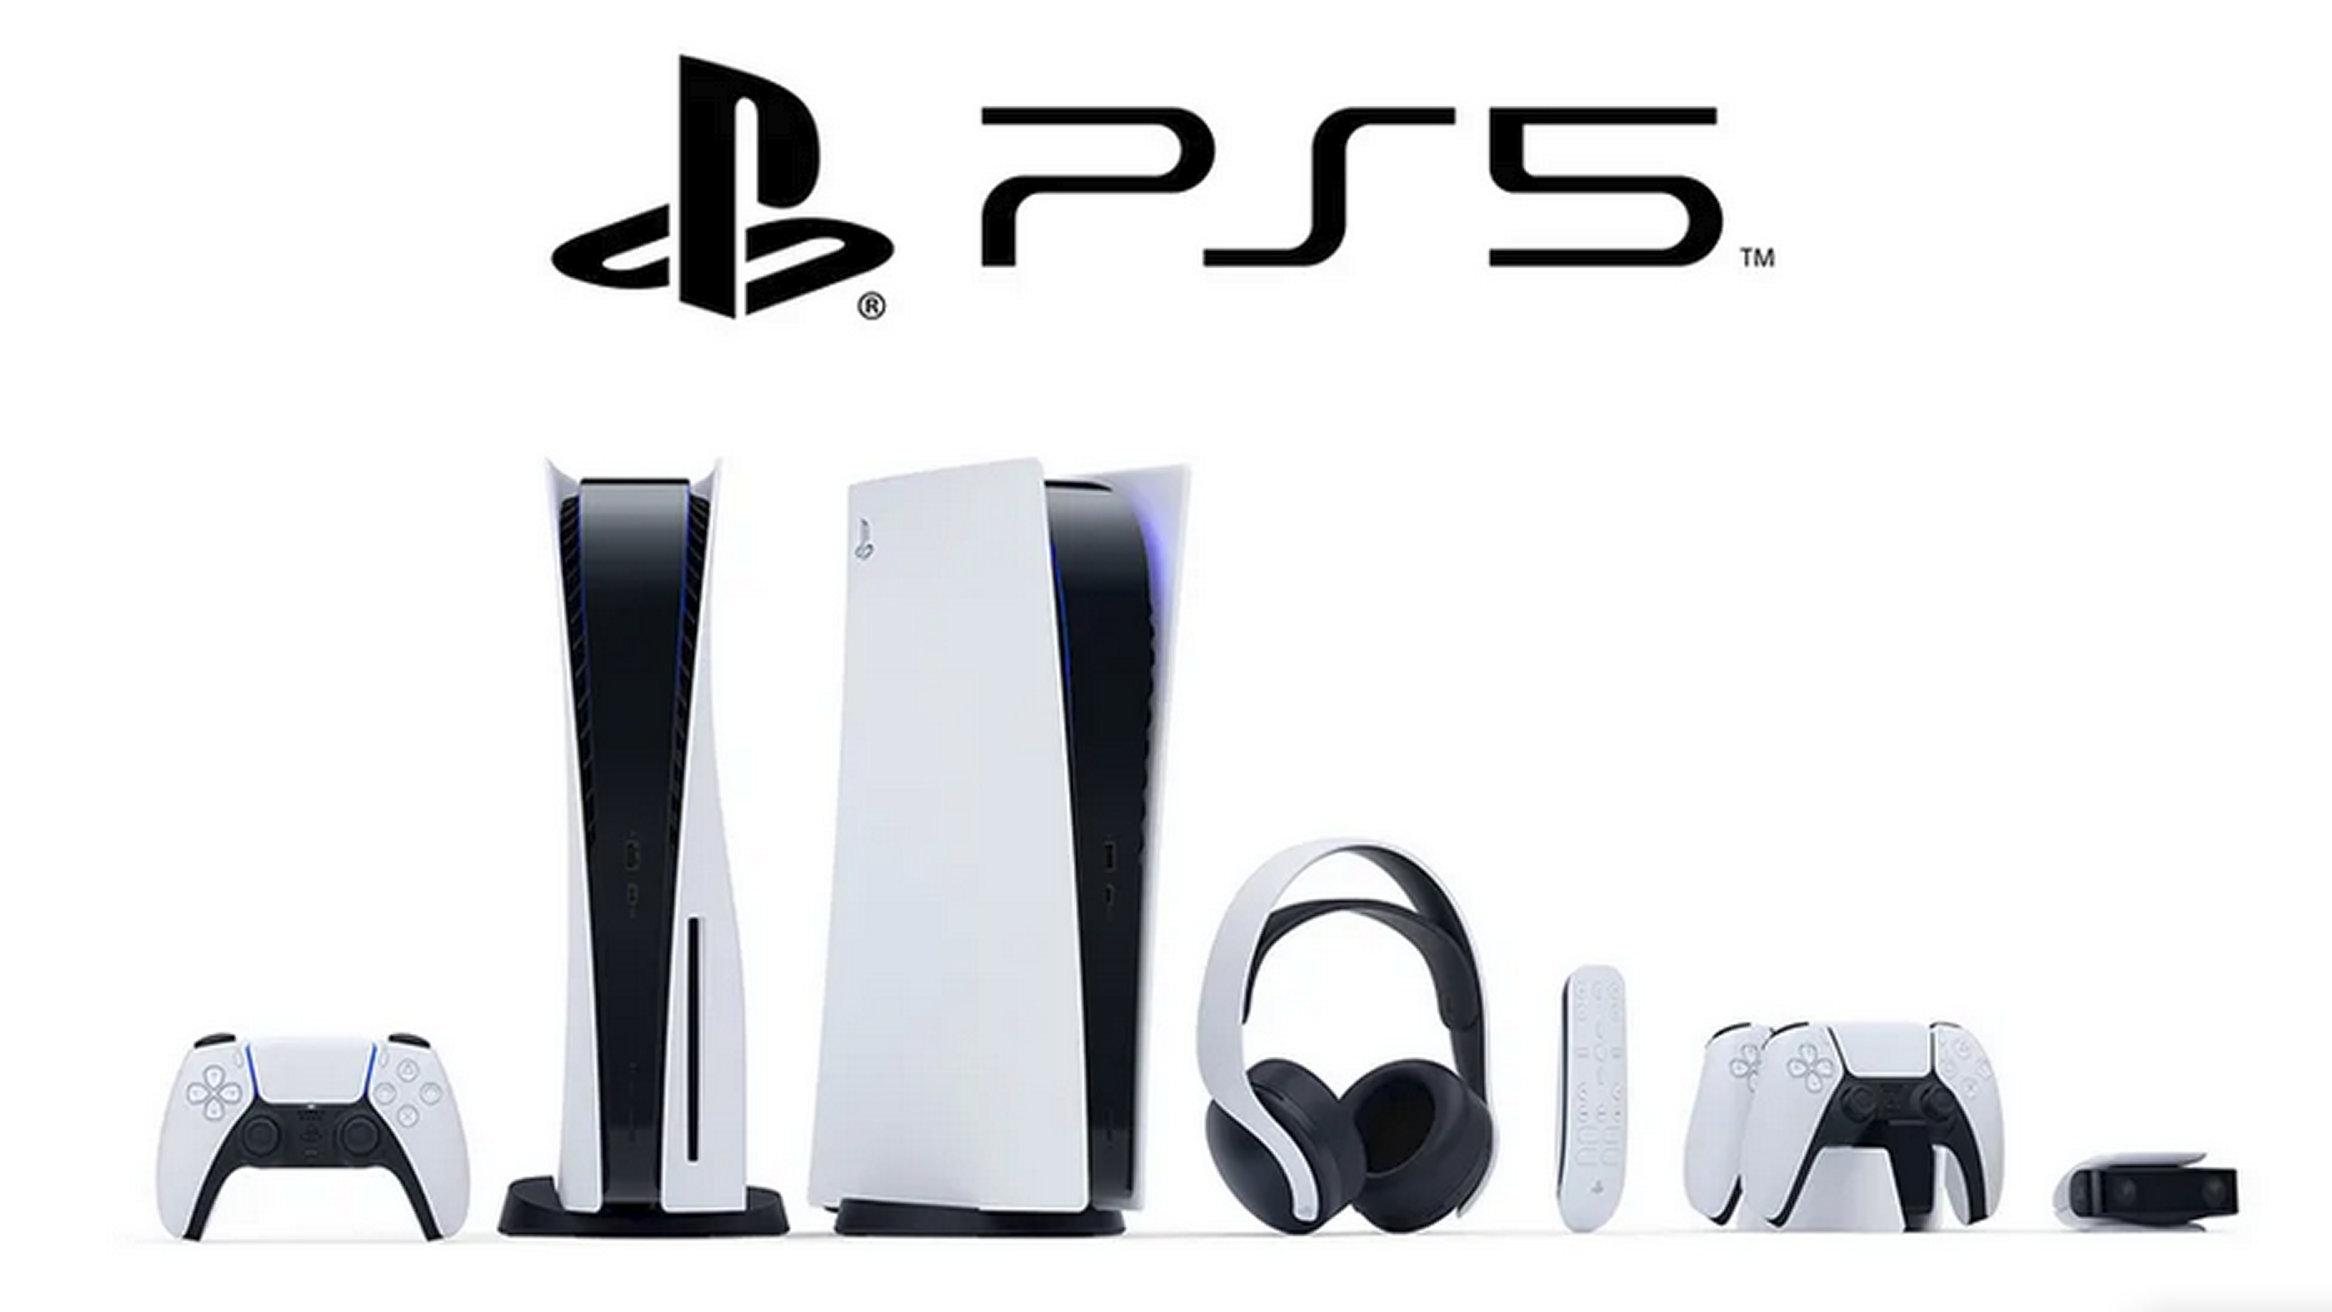 Ps5 予約 サイト 【PS5予約情報まとめ】まだ間に合う!?PS5を予約できるサイトをまと...